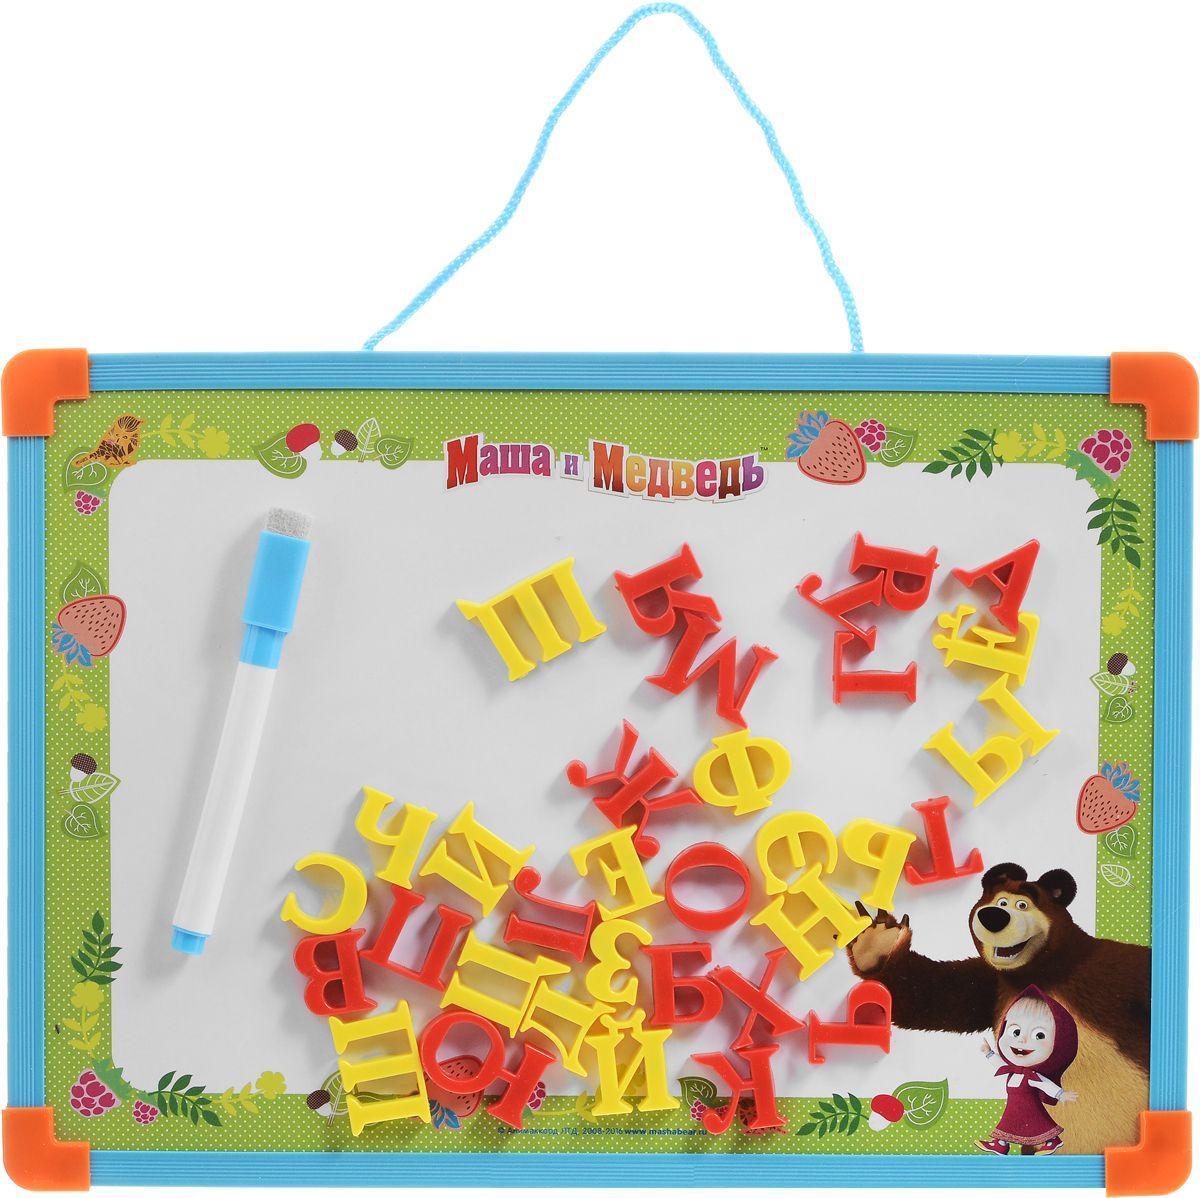 Альбомы и доски для рисования Играем вместе Маша и Медведь магнитная доска для рисования играем вместе маша и медведь в пакете